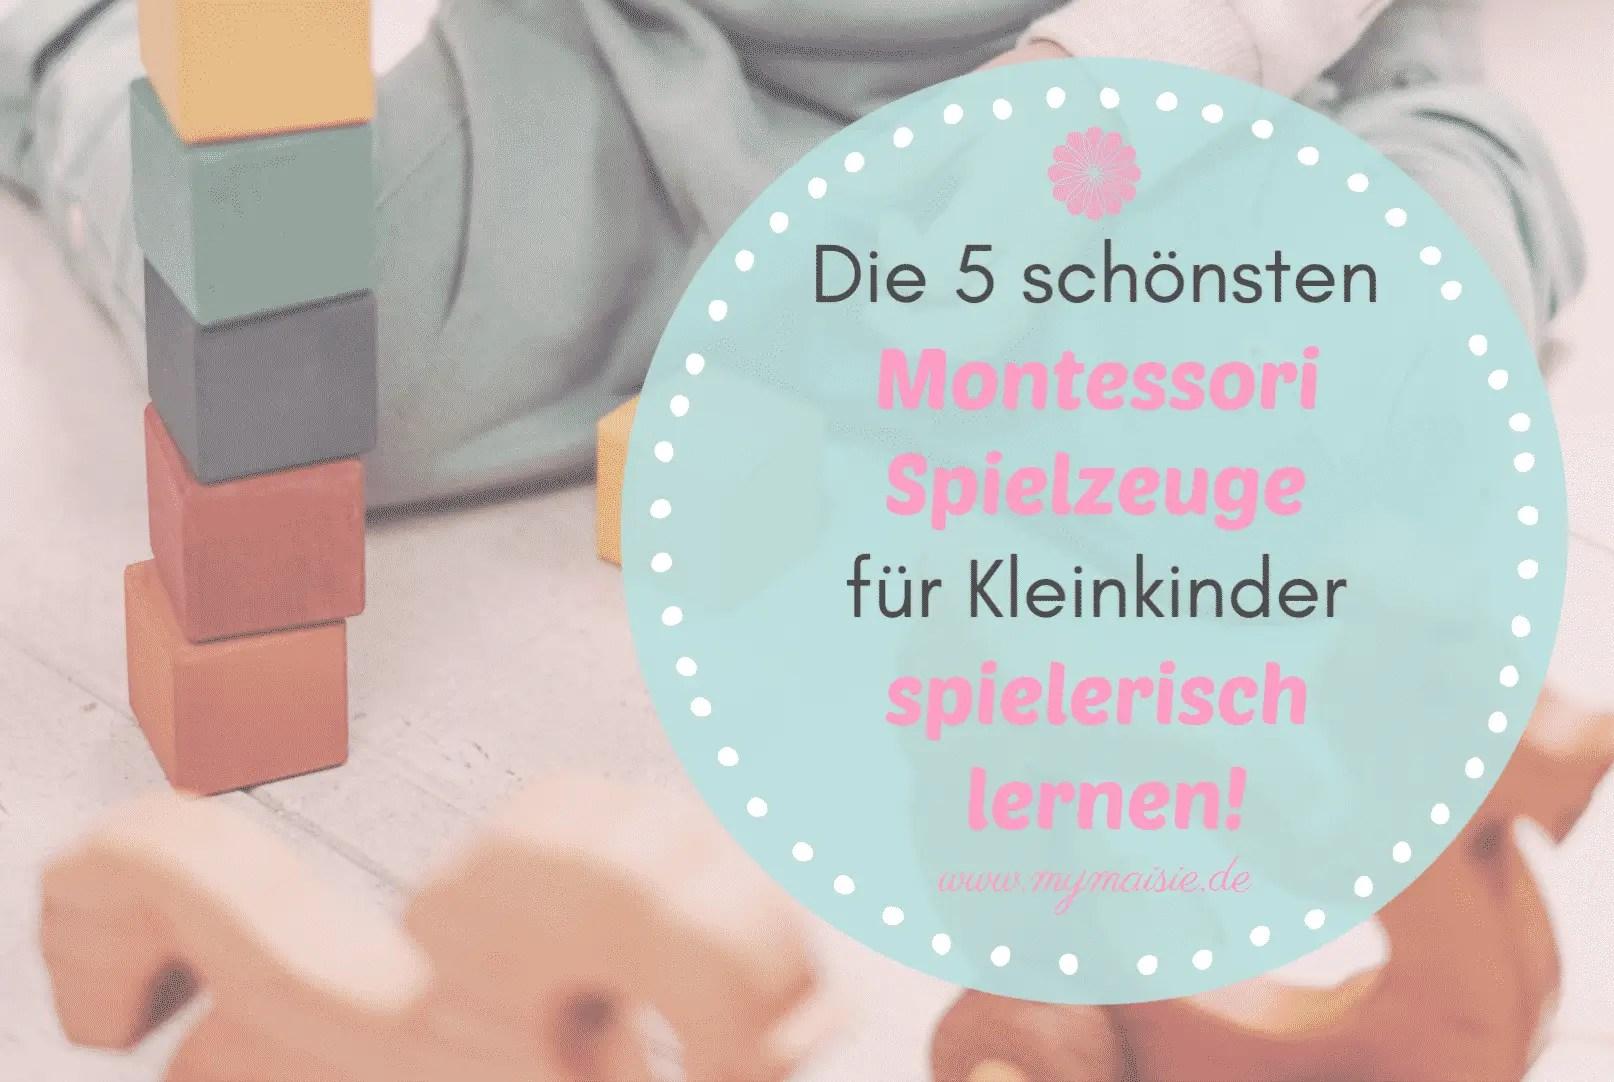 Die 5 schönsten Montessori Spielzeuge für Kleinkinder - spielerisch lernen!